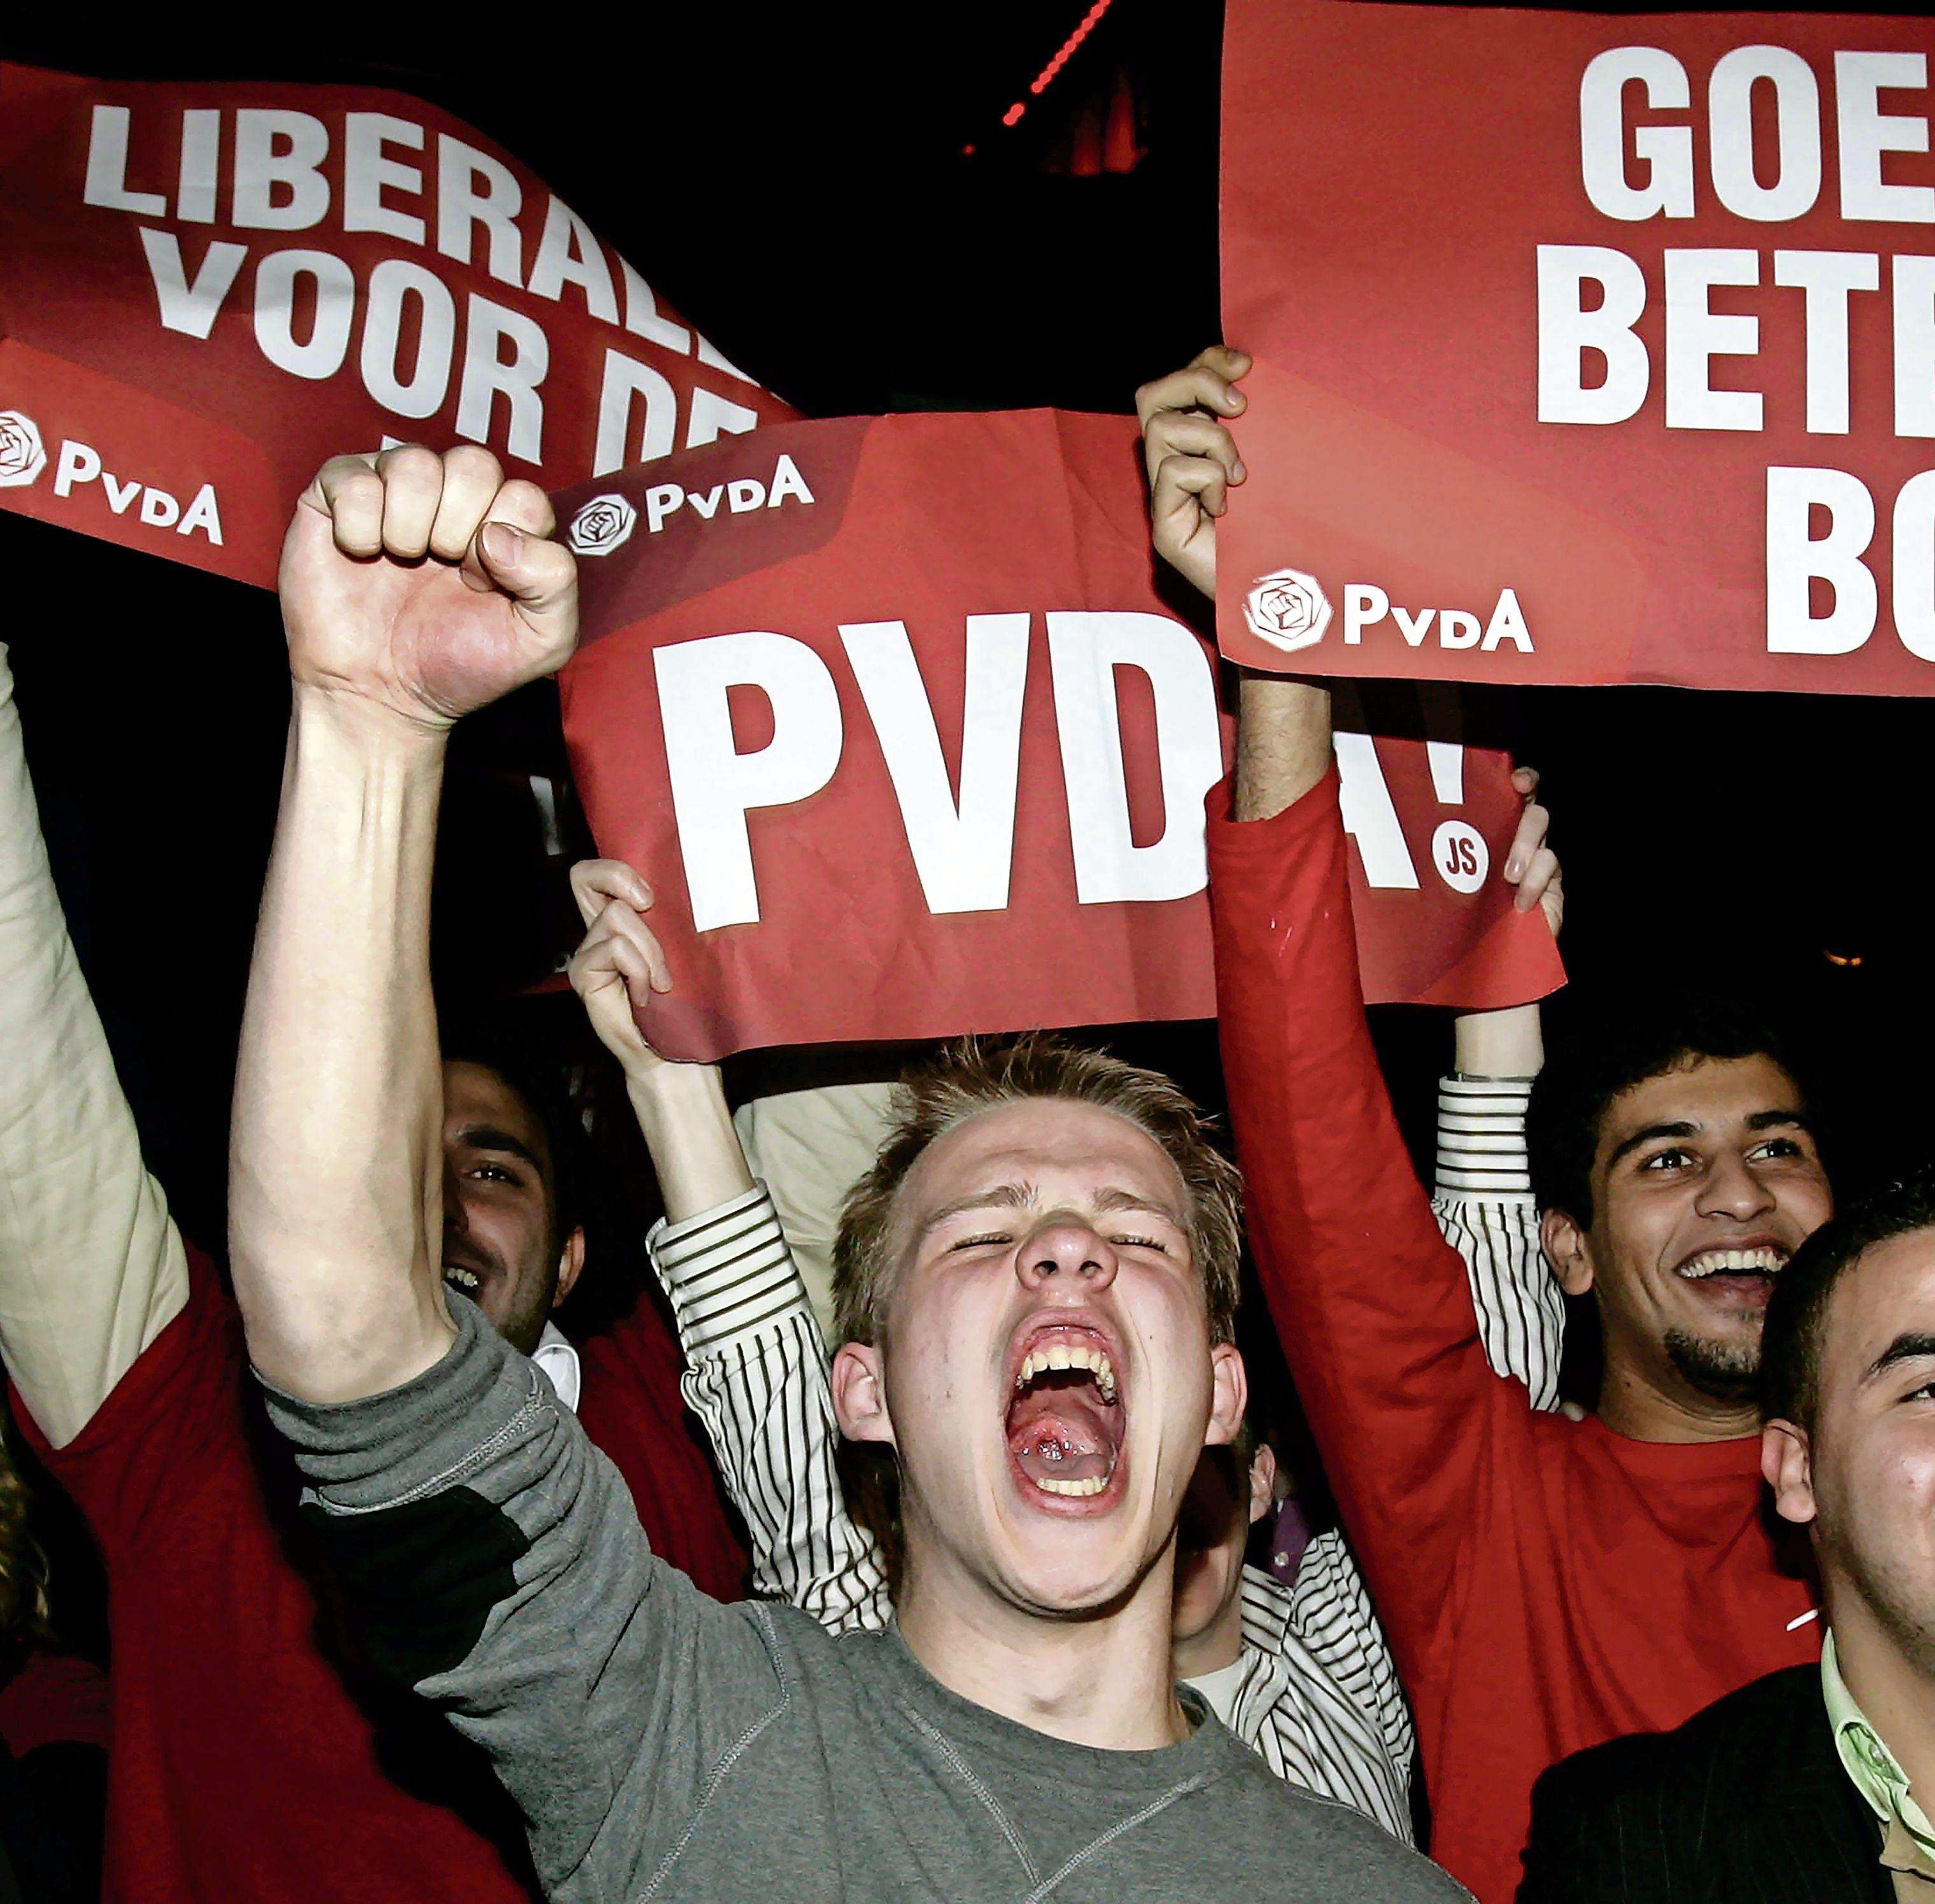 Rood zit in de hoek waar de klappen vallen. Hoe wint de PvdA de kiezers terug?